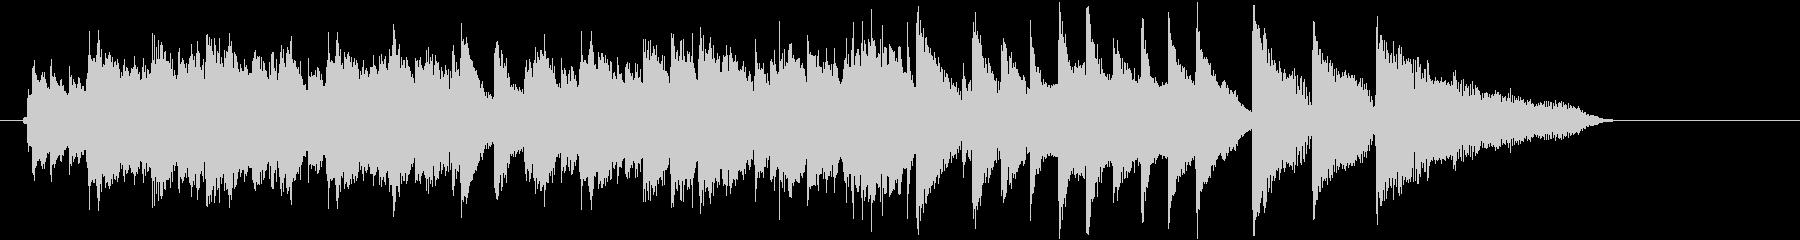 プログレッシブなピアノ・ソロのジングルの未再生の波形